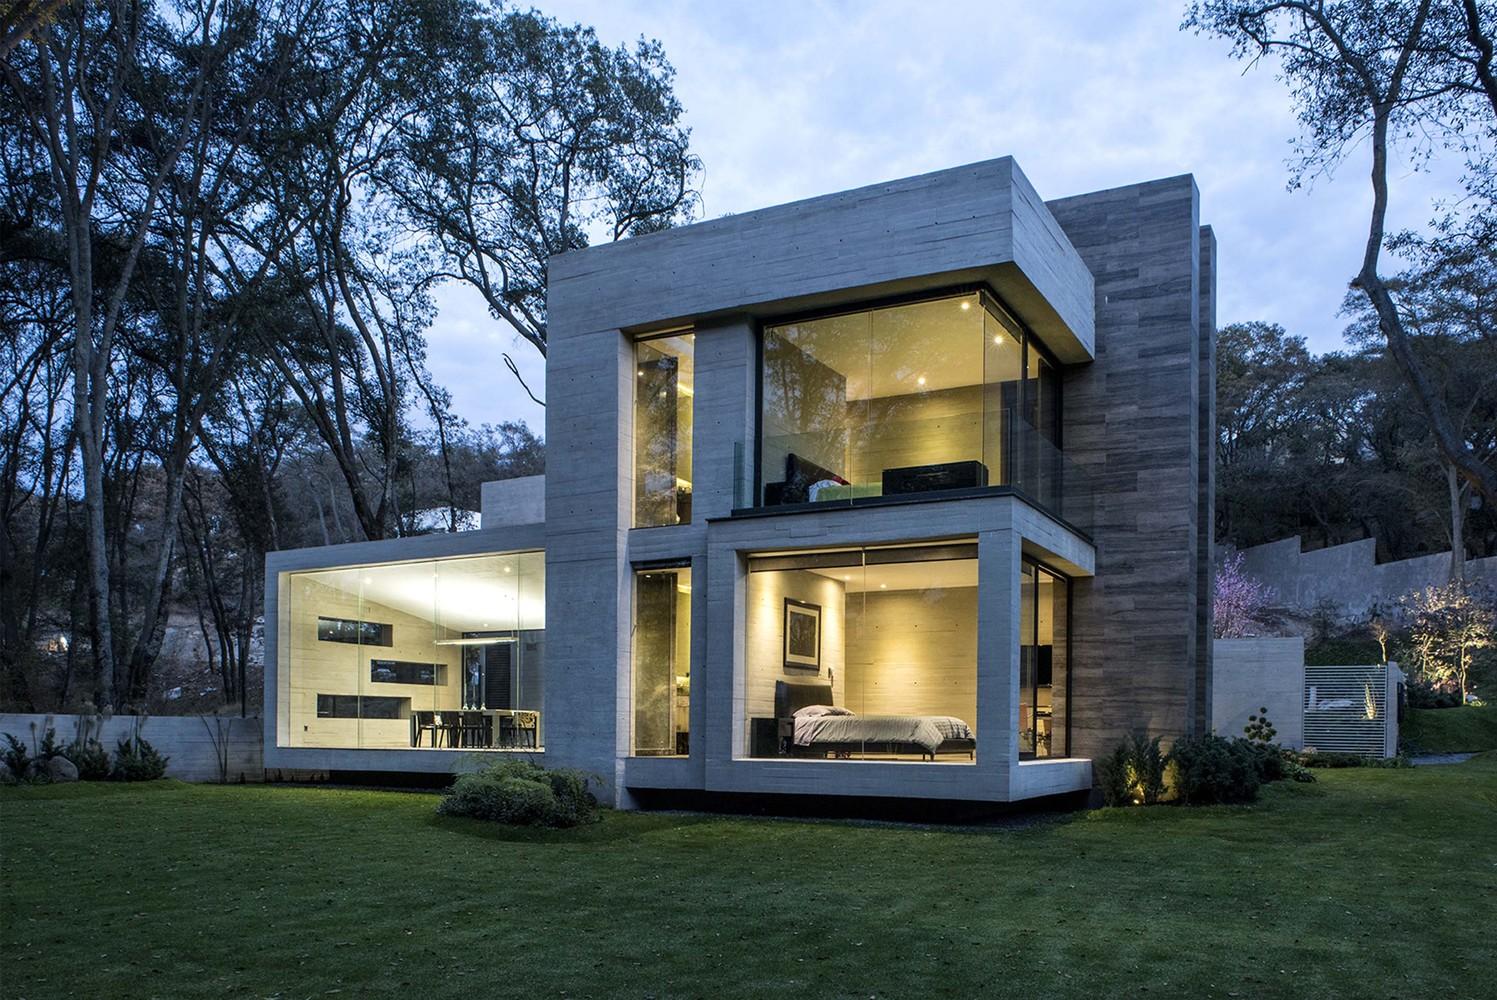 fachada-em-vidro-e-concreto-por-grupo-mm